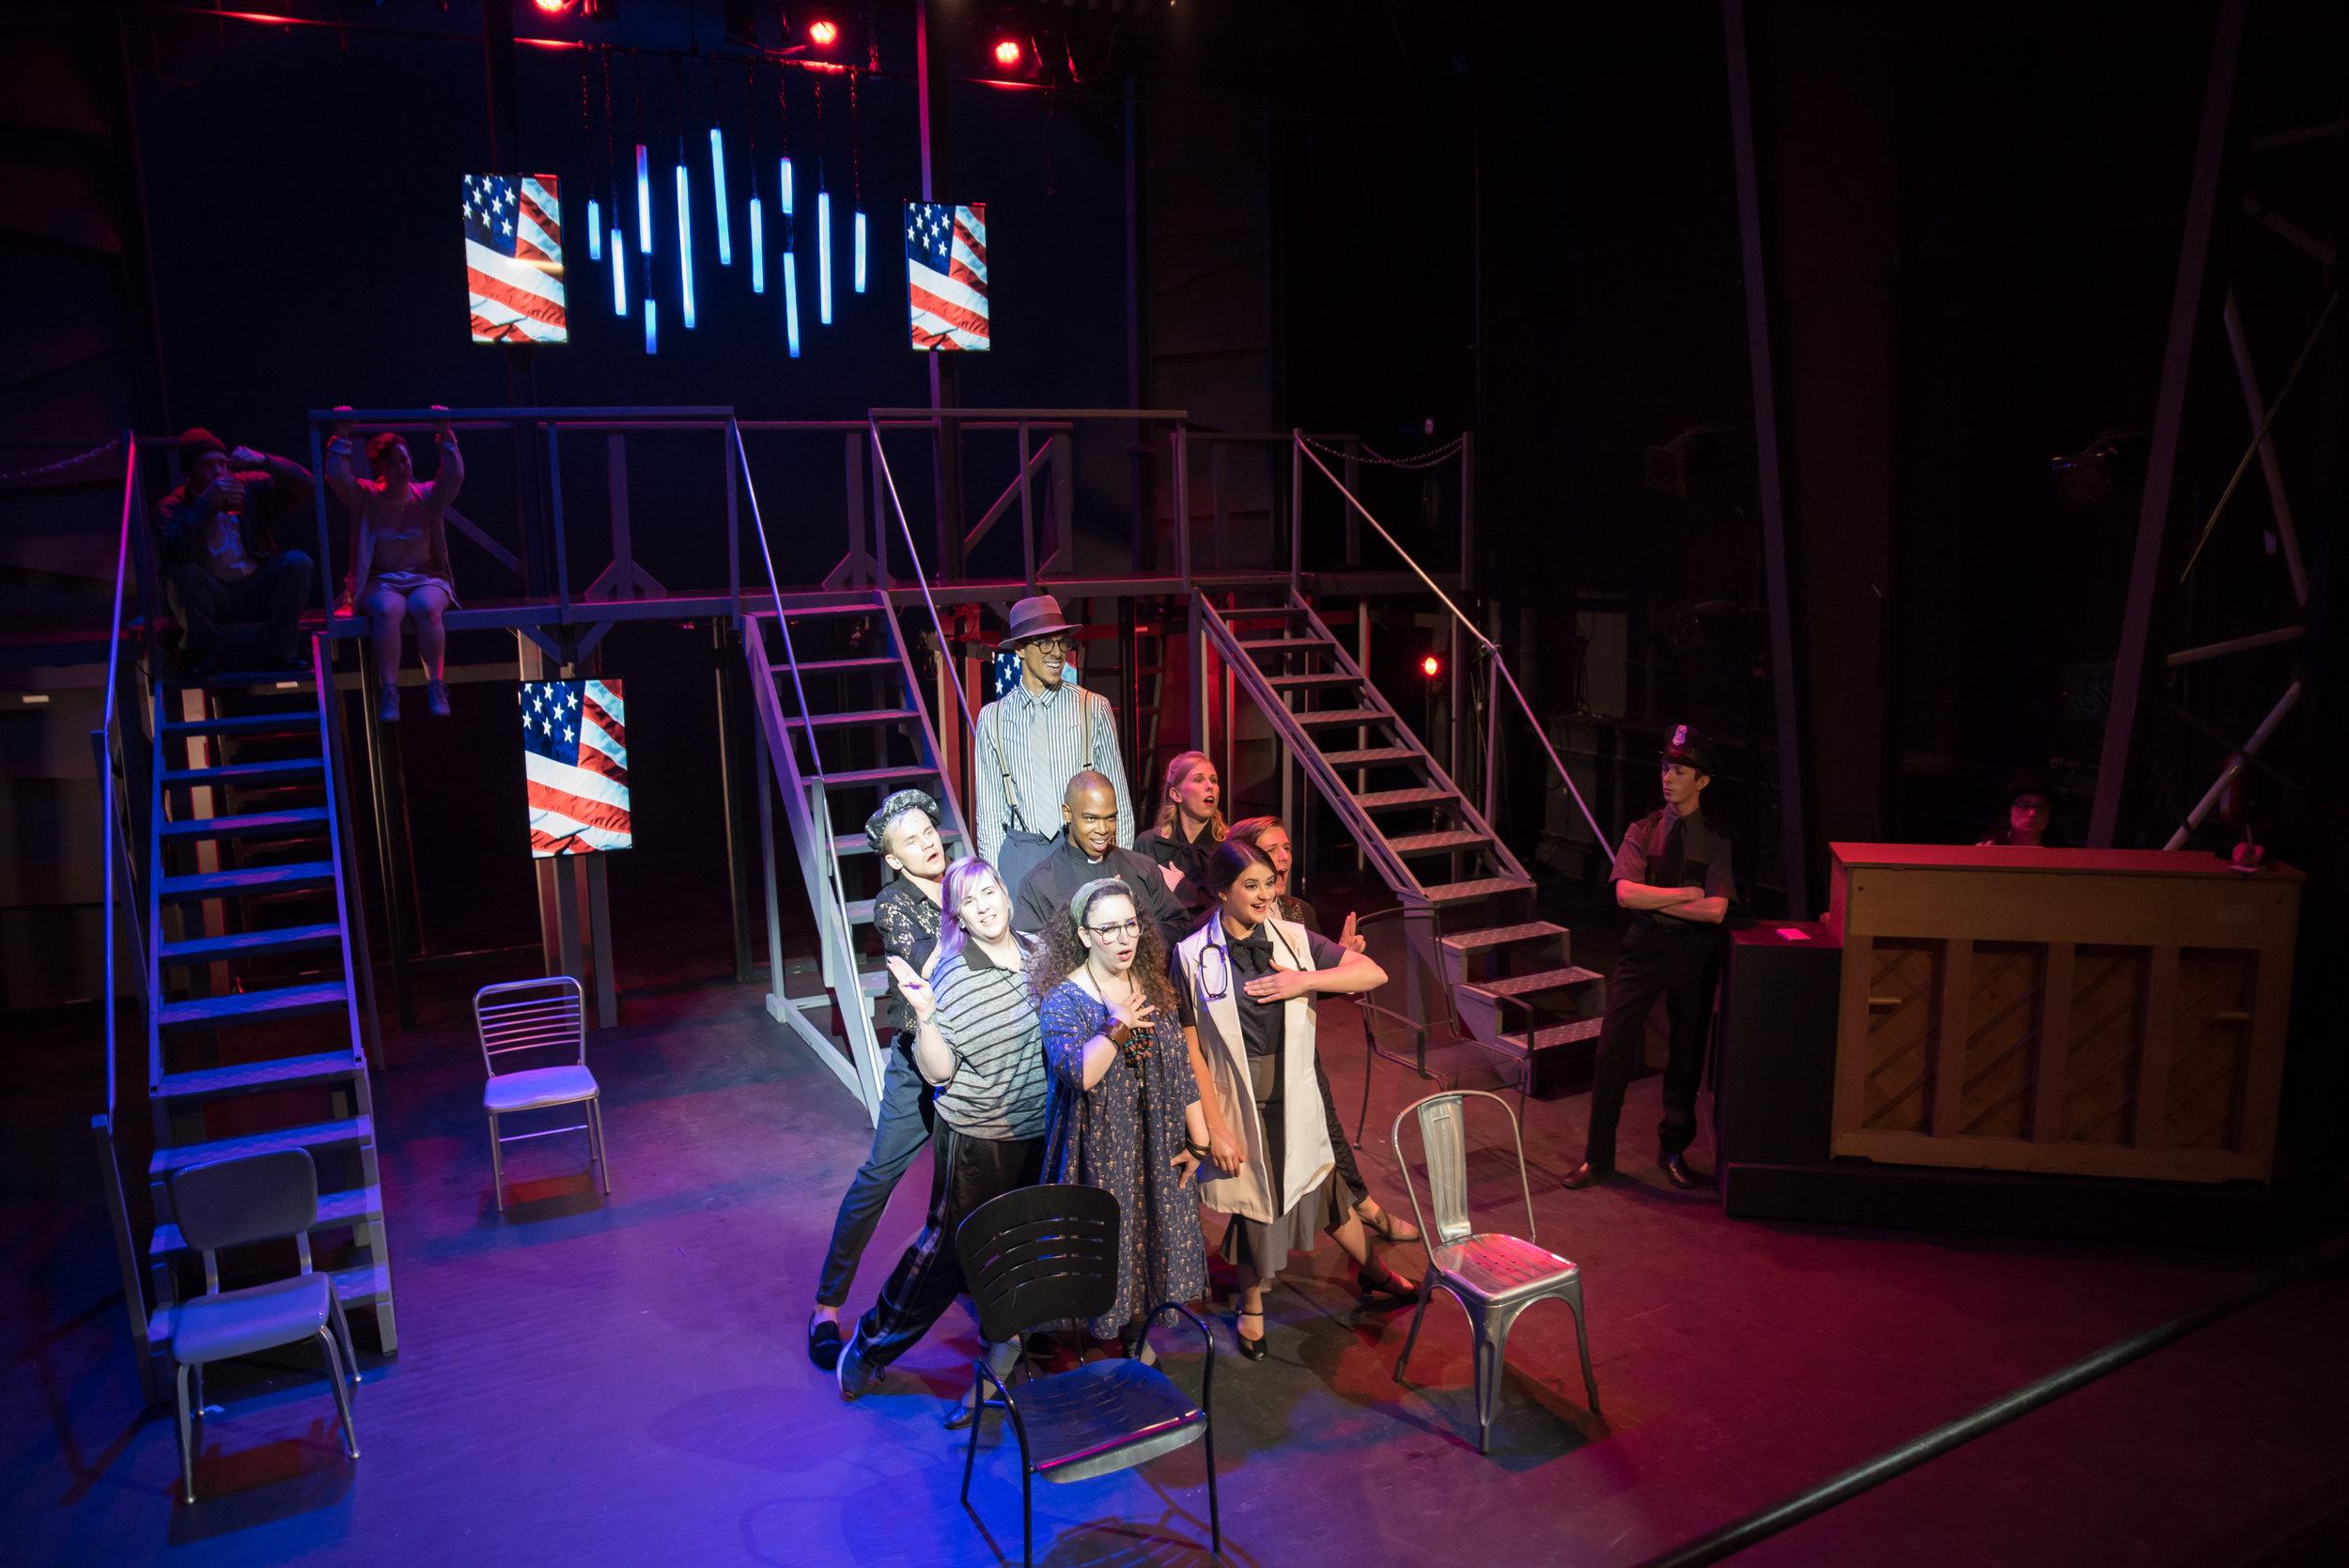 Scene 2: Nightcourt